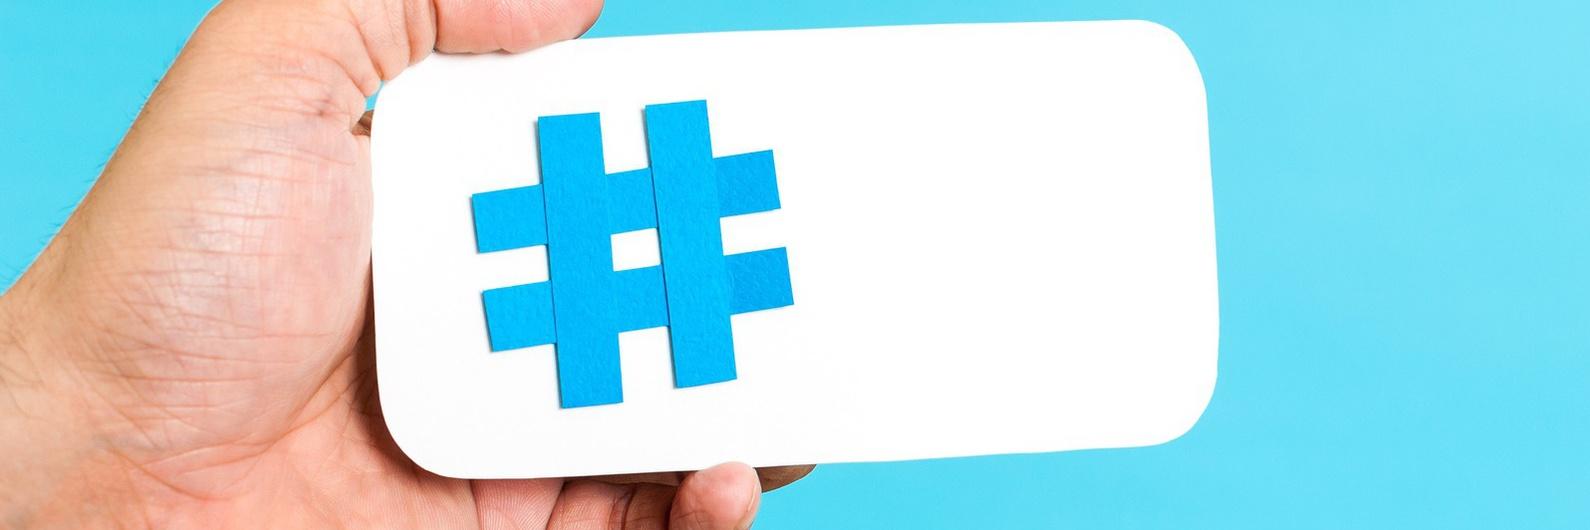 RiteTag: chame à atenção para as suas publicações com as hashtags certas